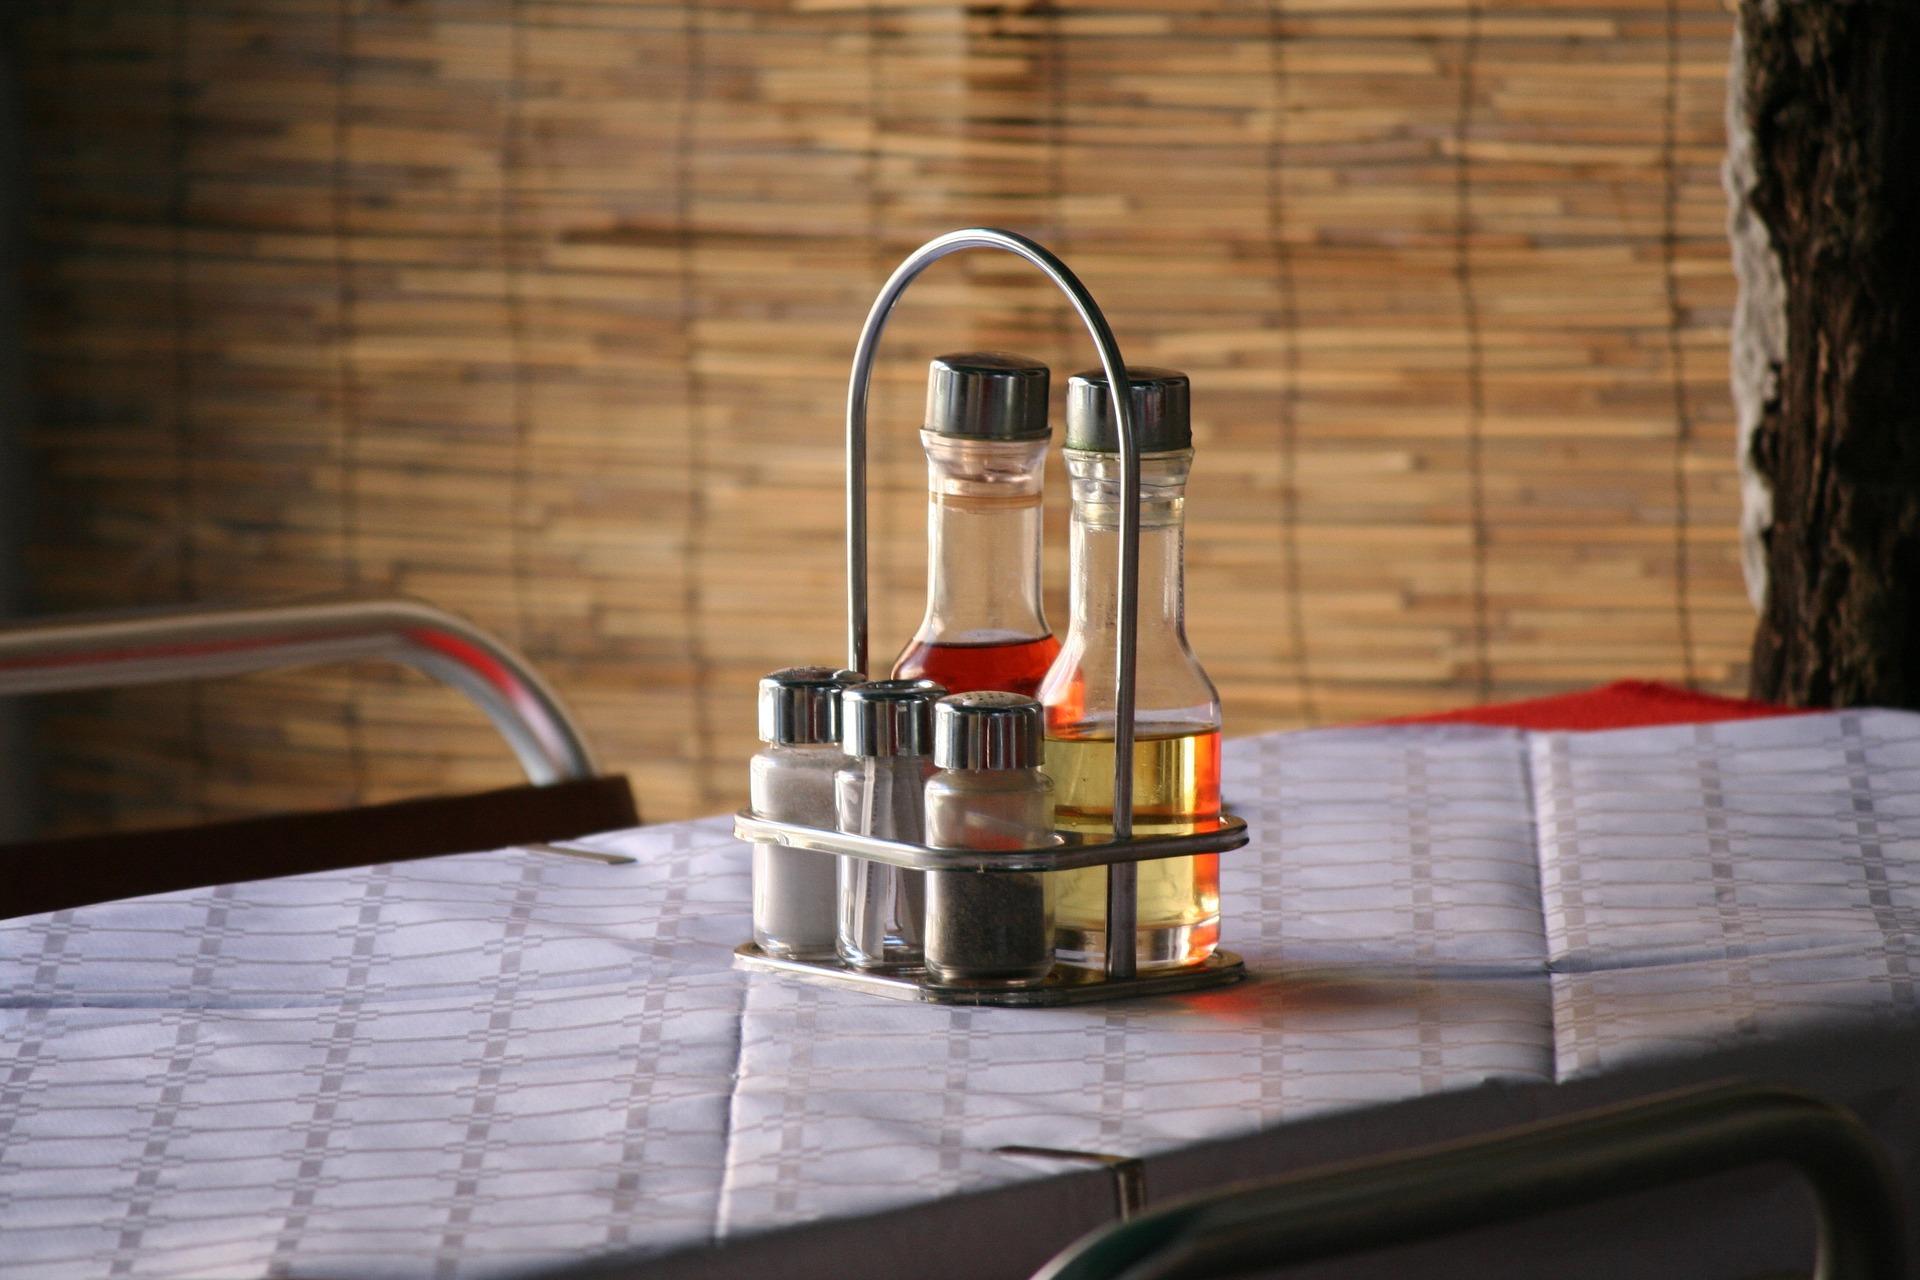 come eliminare l'odore di muffa dai mobili: dai cassetti all'armadio